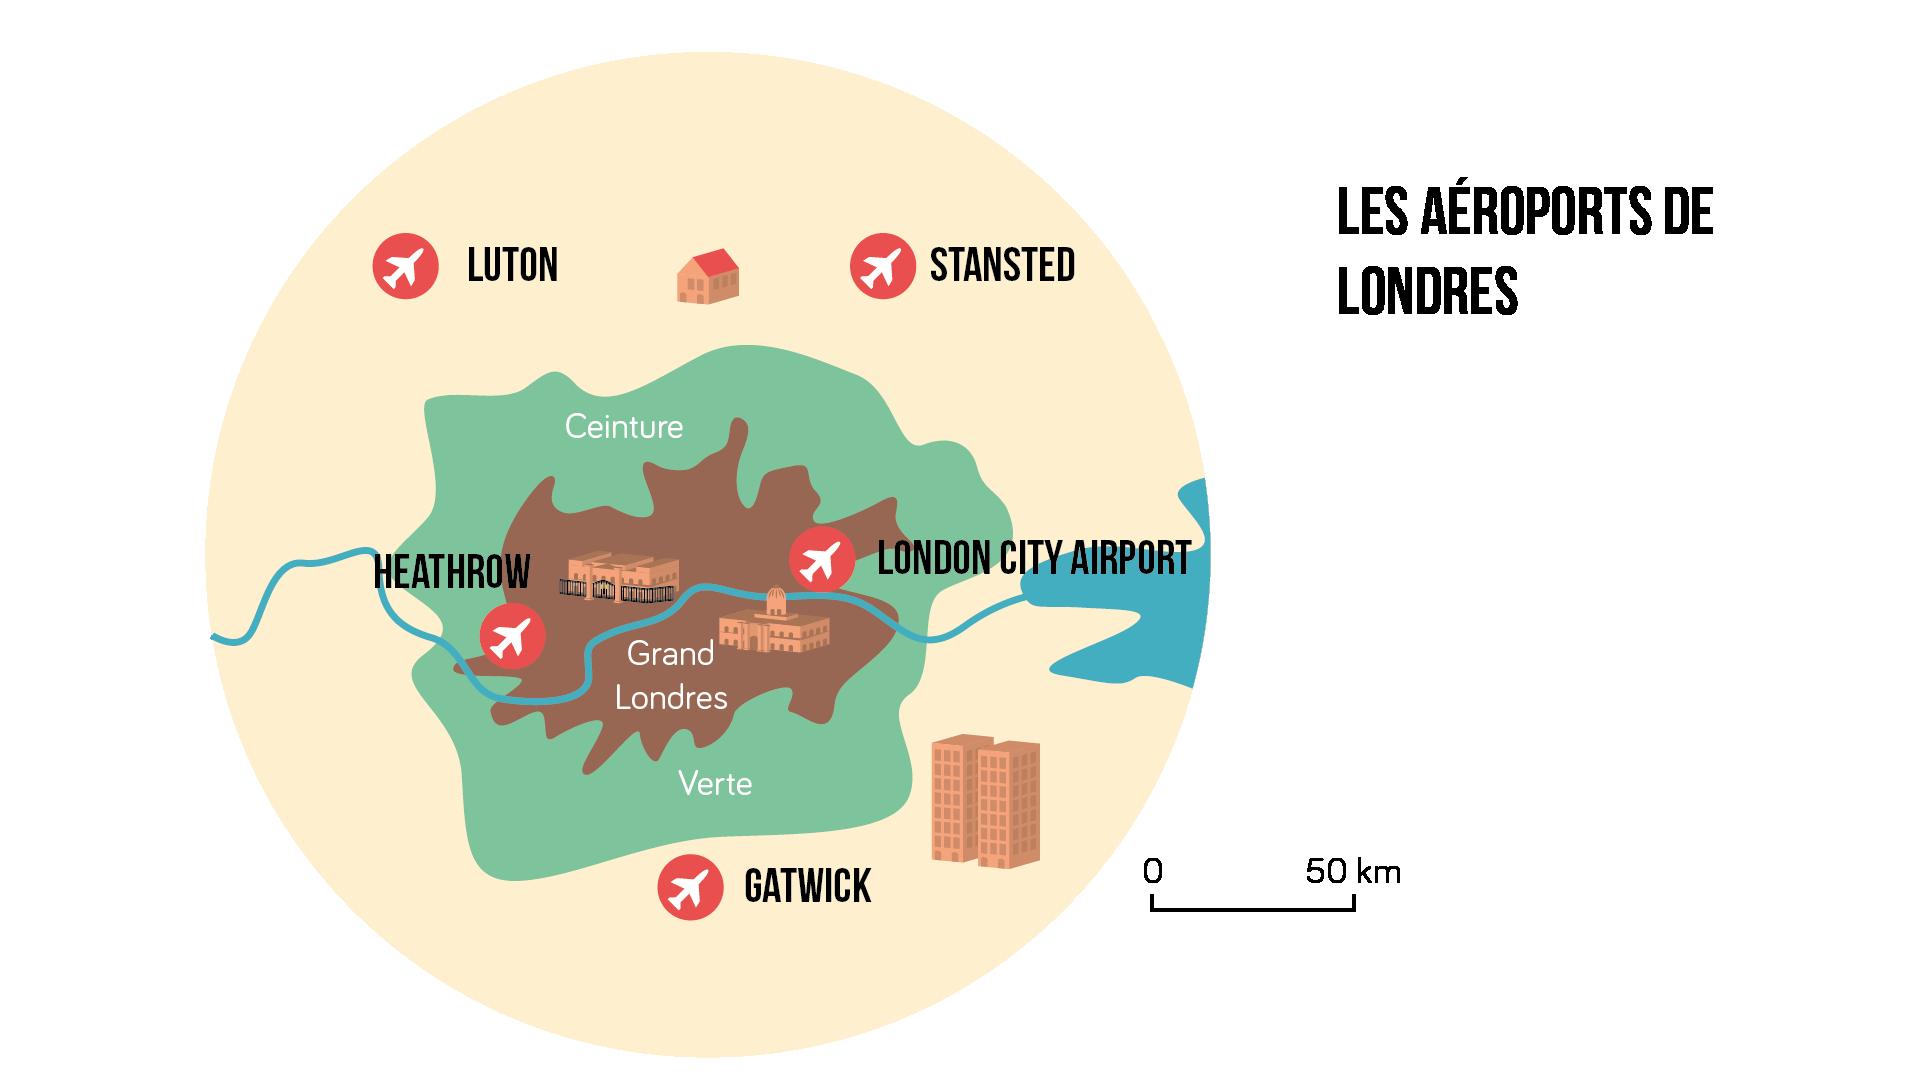 Les aéroports de Londres Géographie seconde